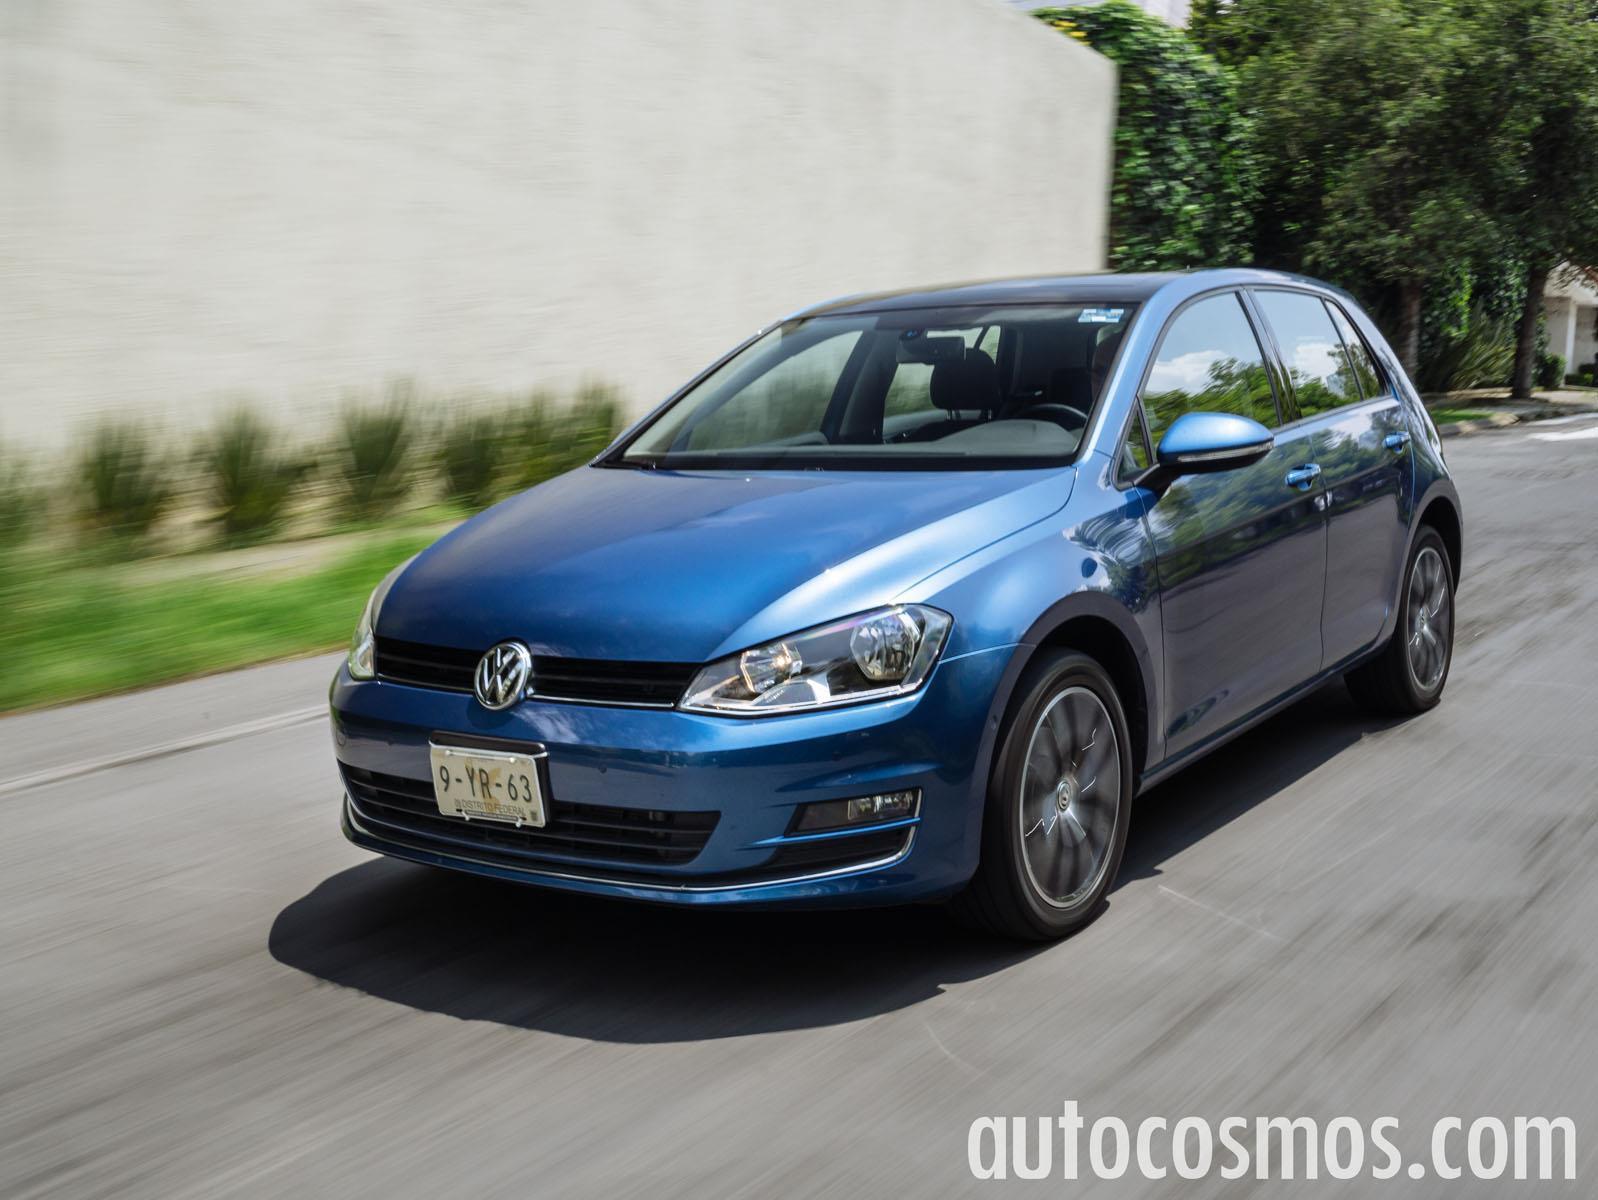 Volkswagen Golf 2015 A Prueba Autocosmos Com